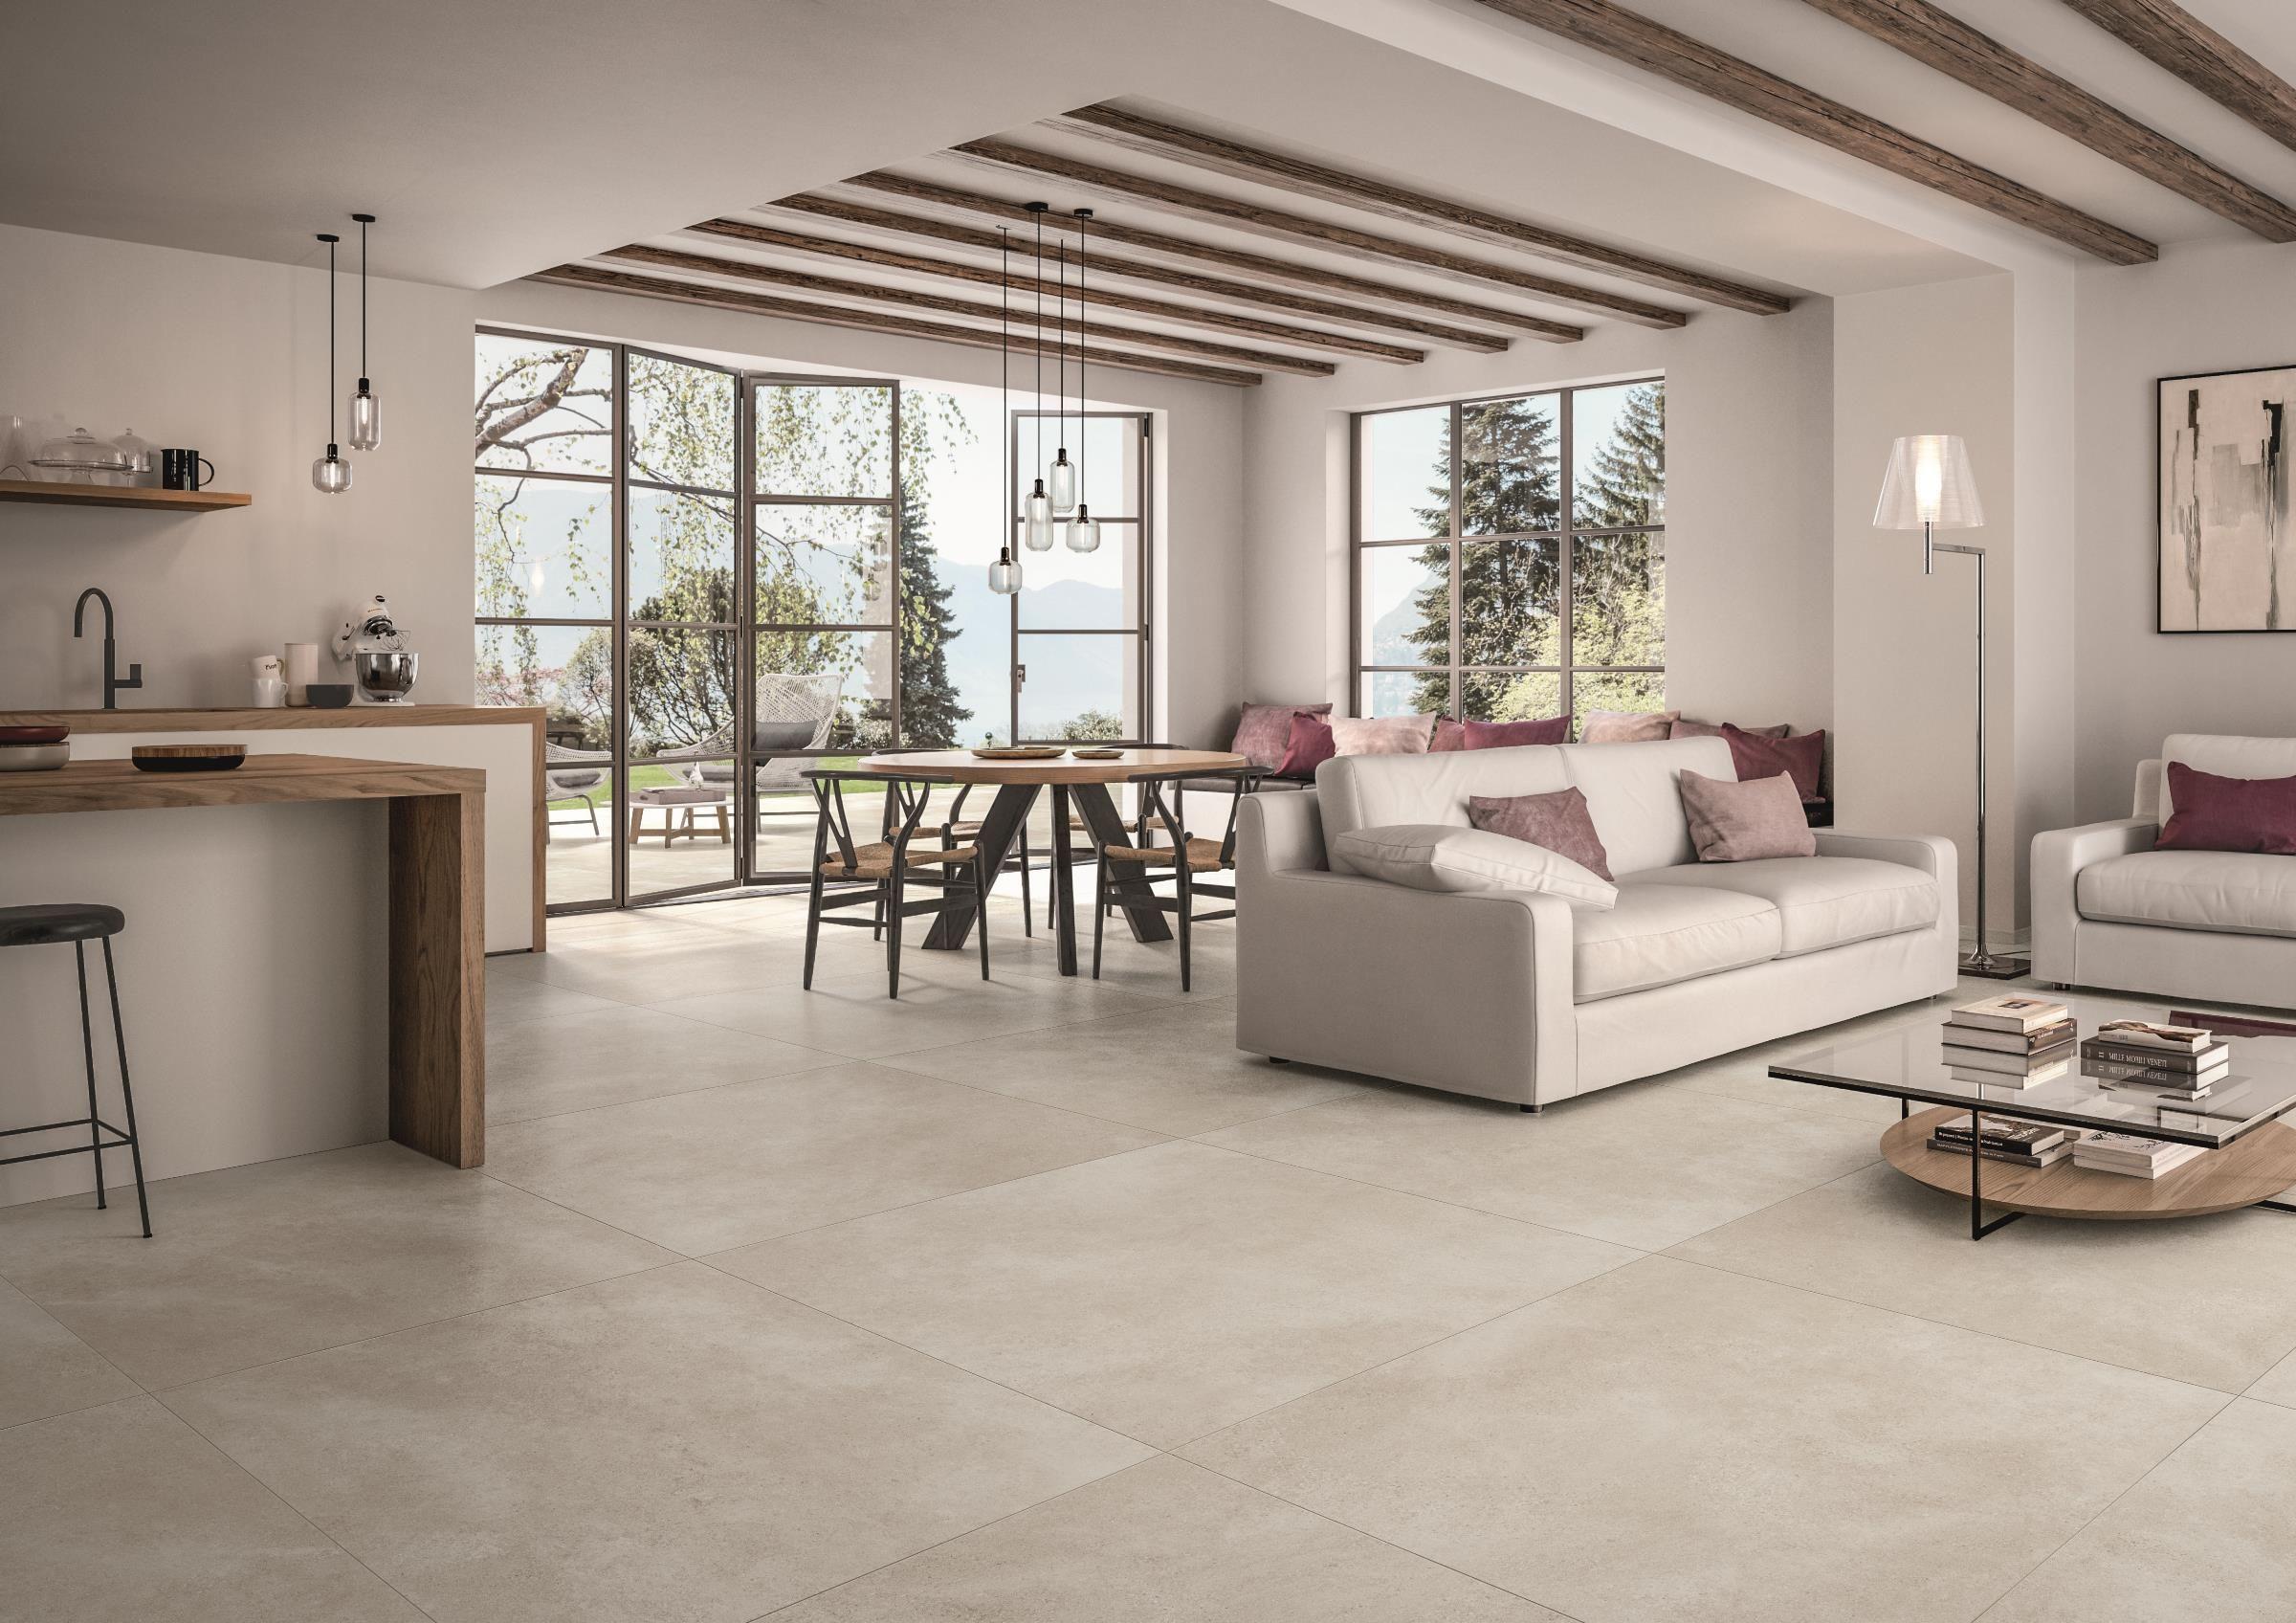 Wohnzimmer Ideen in 2020 | Wohnzimmerfliesen, Wohnzimmer ...